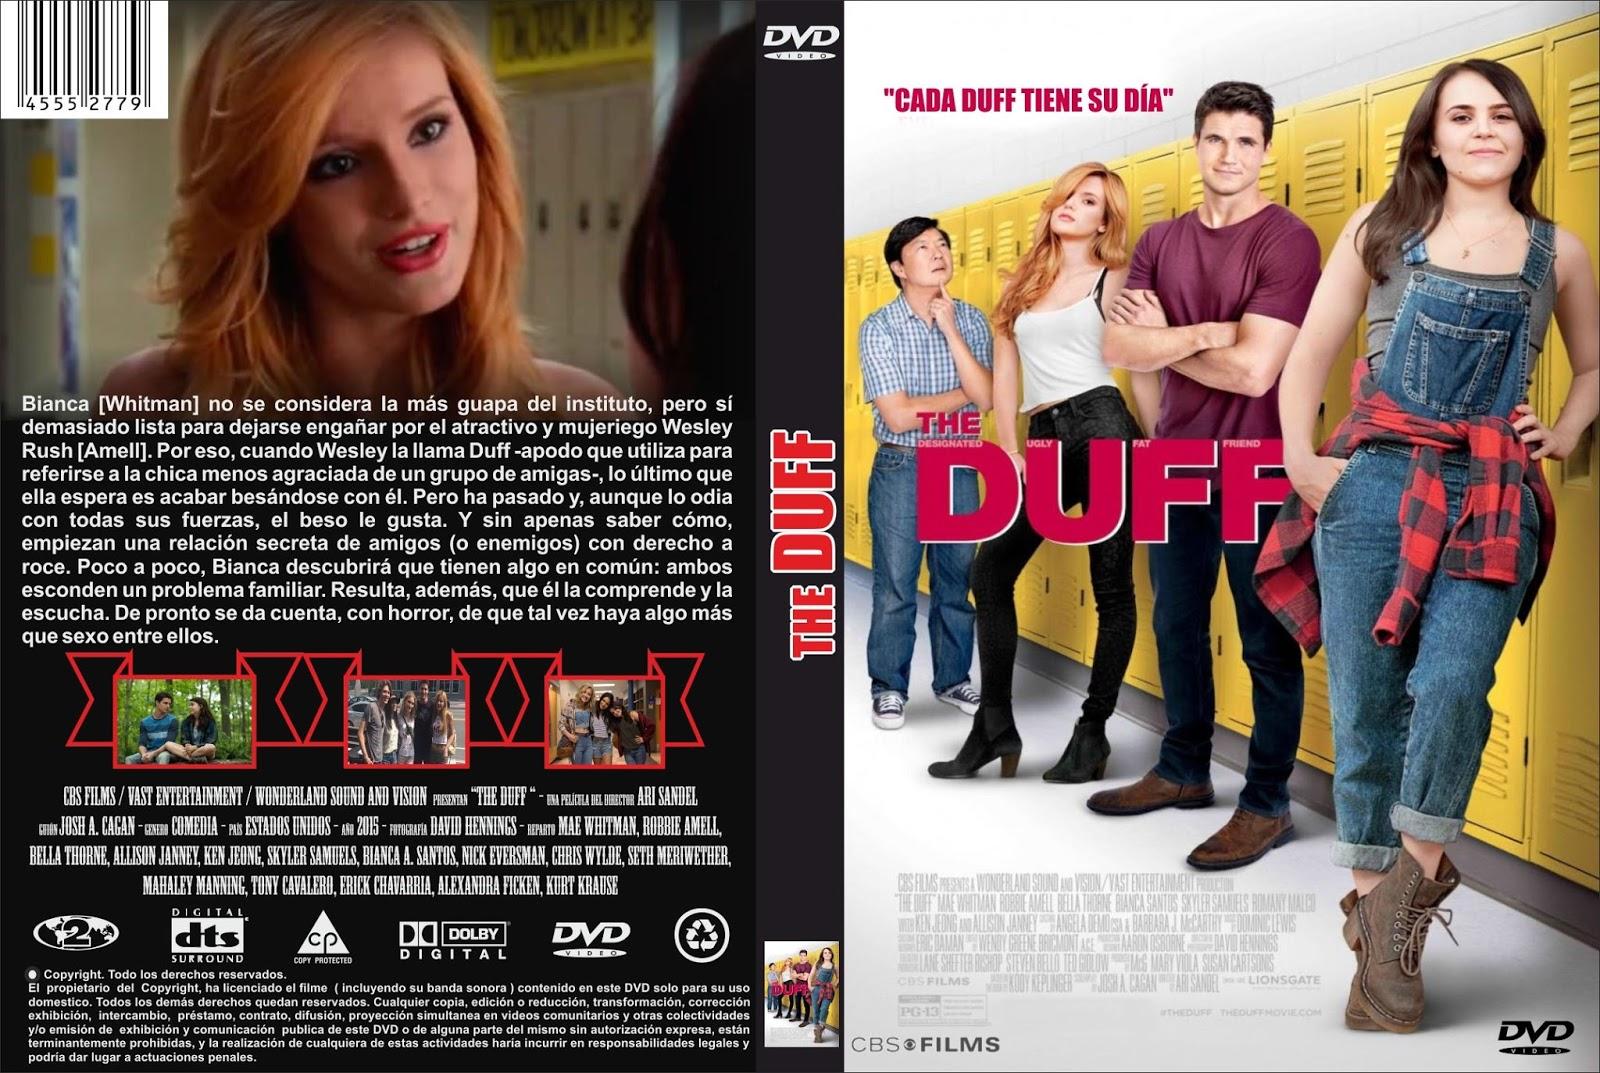 Download D.U.F.F. Você Conhece, tem ou é BDRip XviD Dual Áudio The 2BDuff 2BCustom 2BPor 2BJonander1 2B  2Bdvd